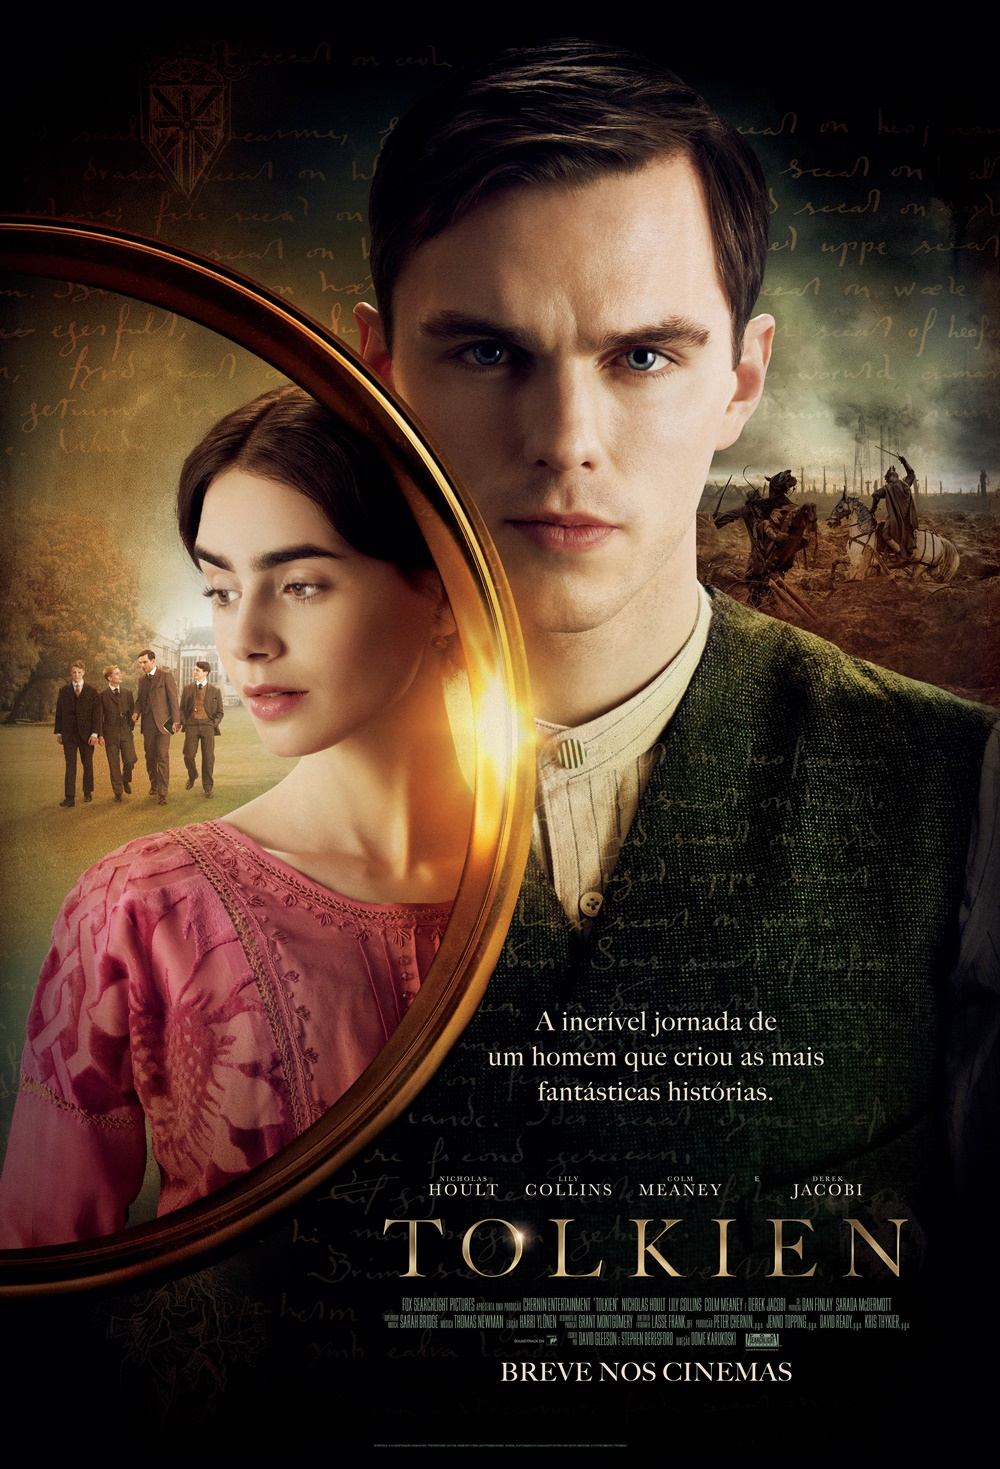 Tolkien | Confira o primeiro trailer do filme que conta a história de J.R.R.Tolkien 1